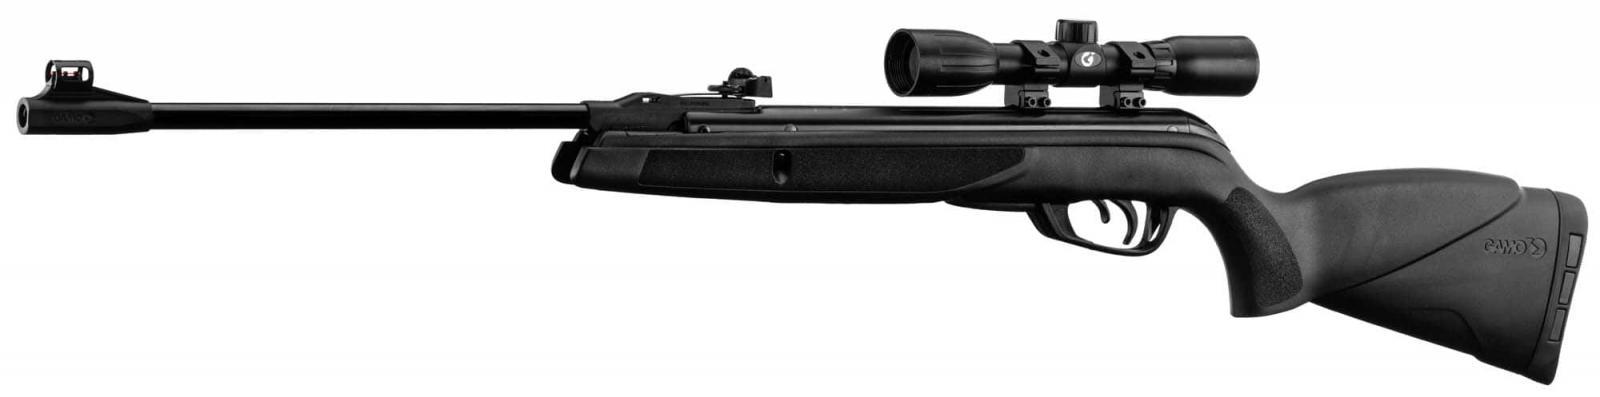 Carabine GAMO BLACK SHADOW COMBO + Lunette 4x32 + Plombs